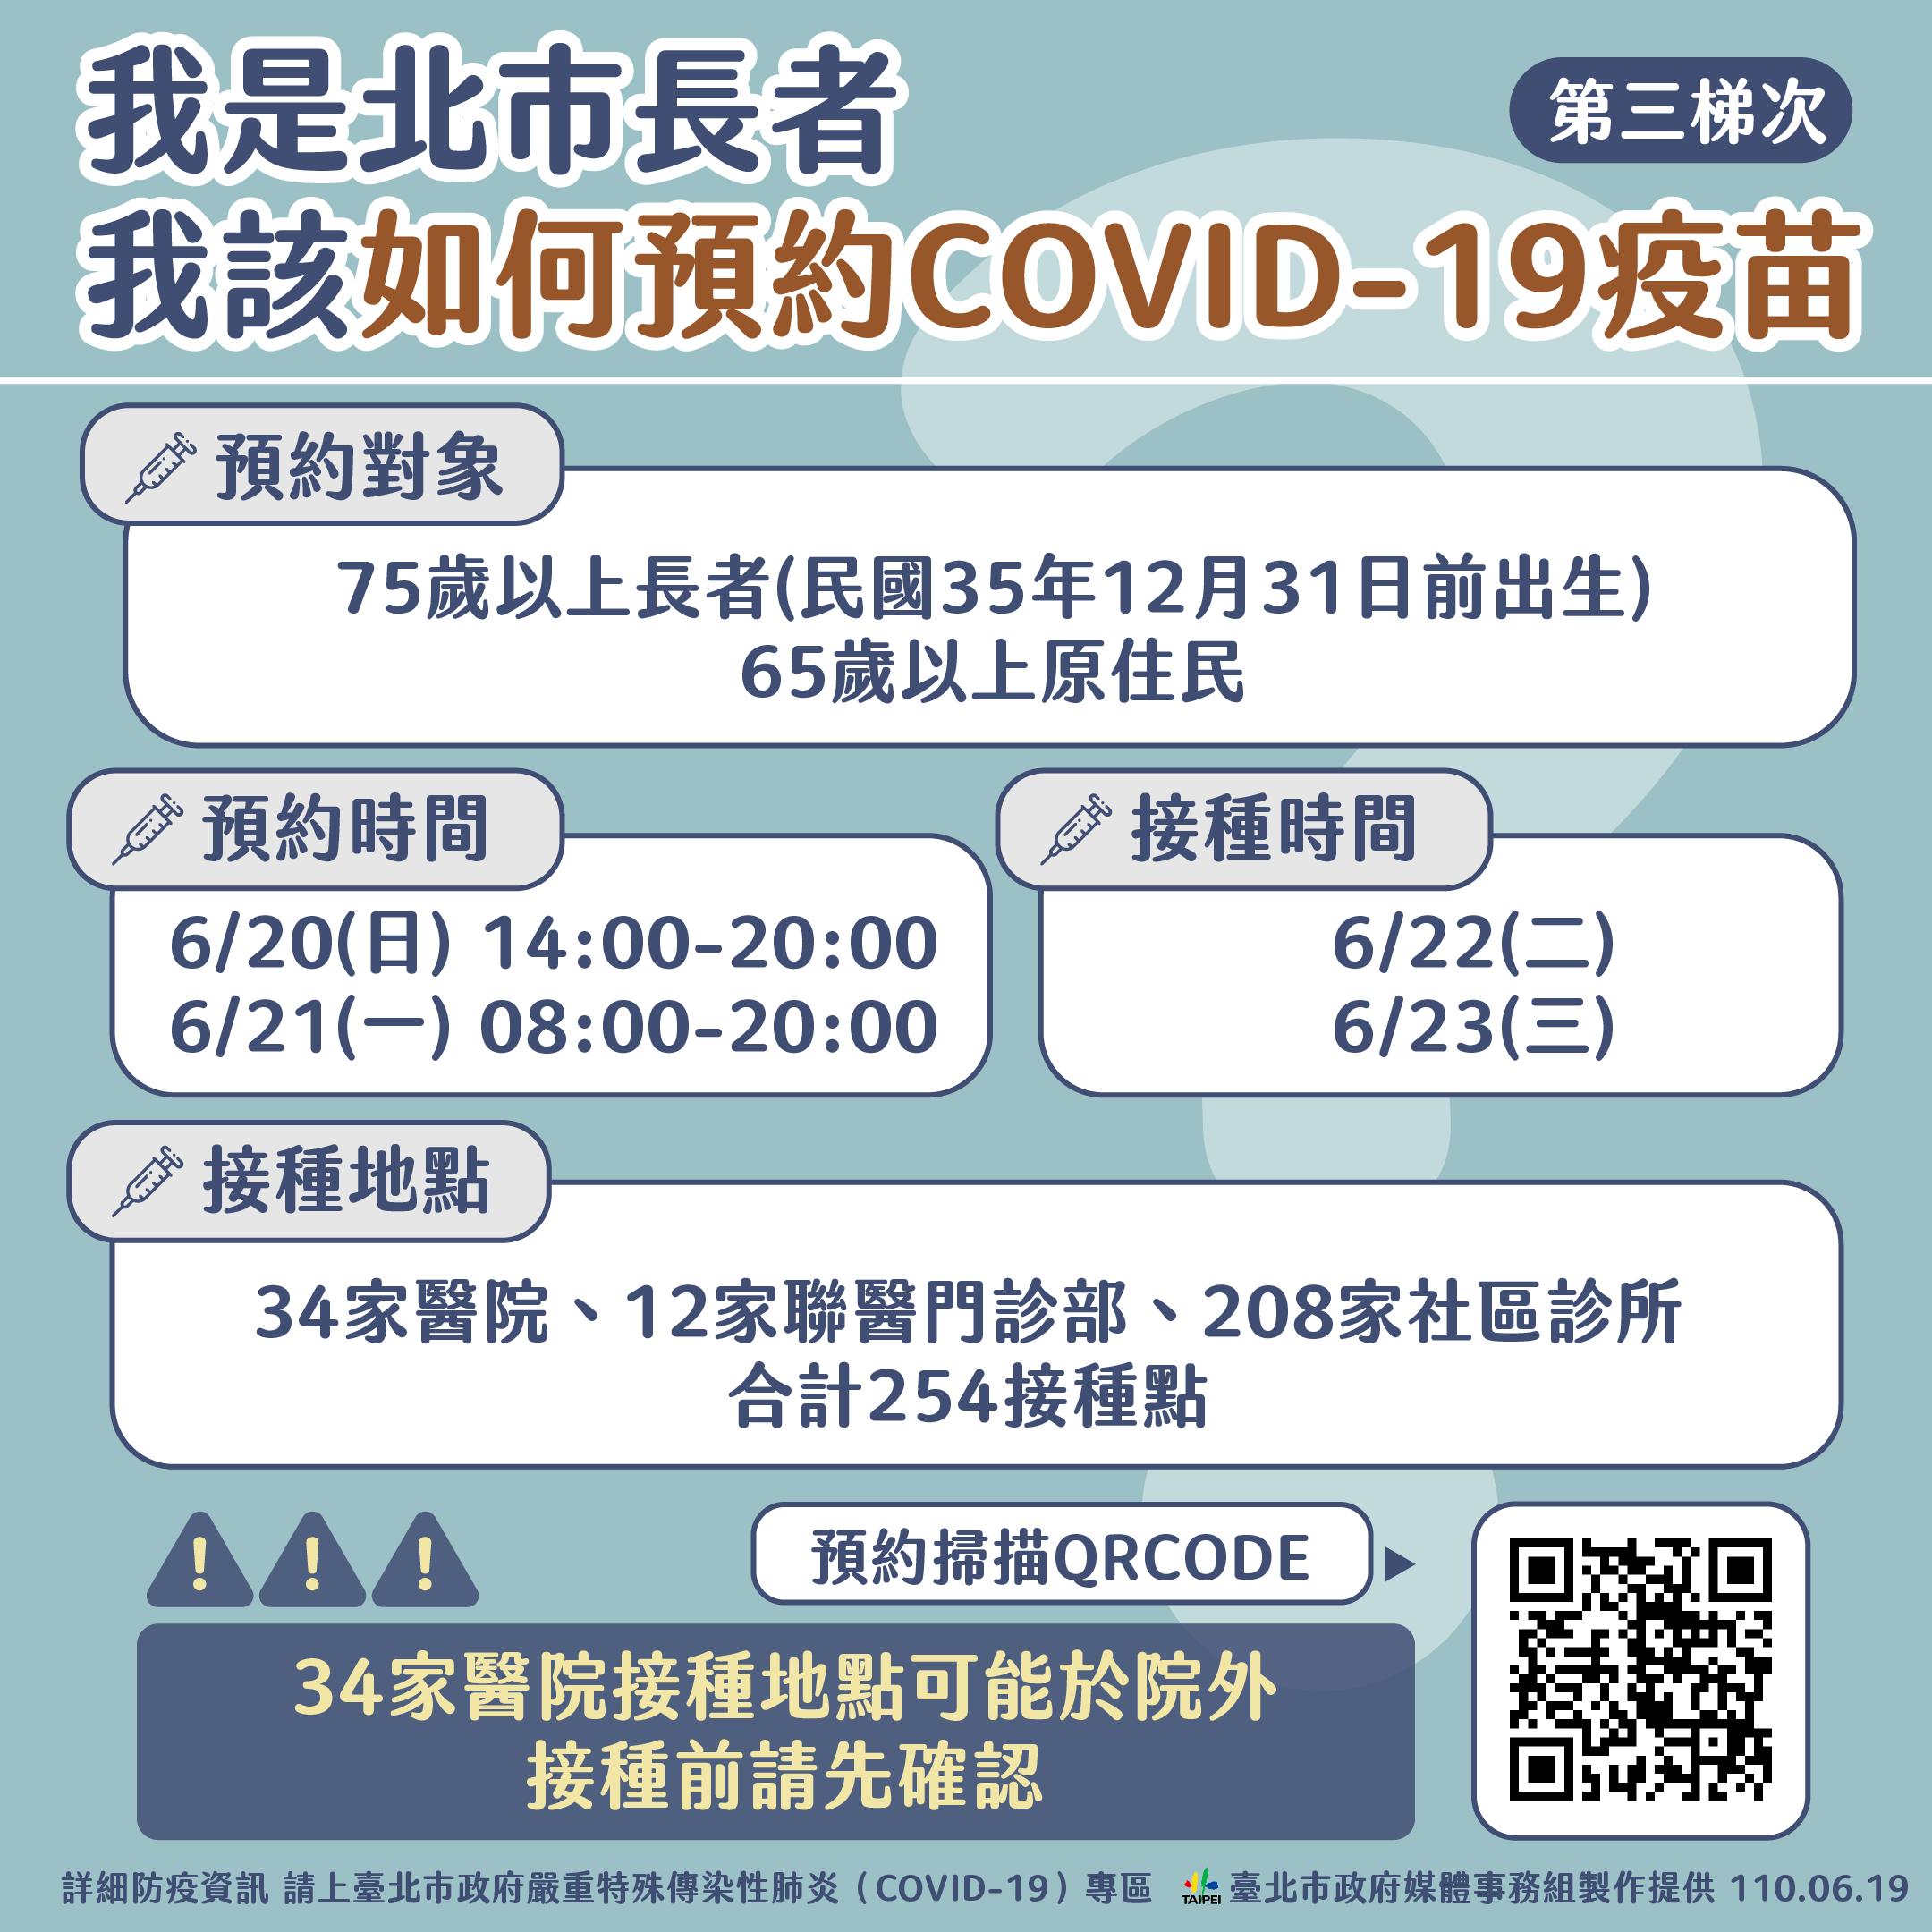 我是北市長者 我該如何預約COVID-19疫苗【第三梯次】